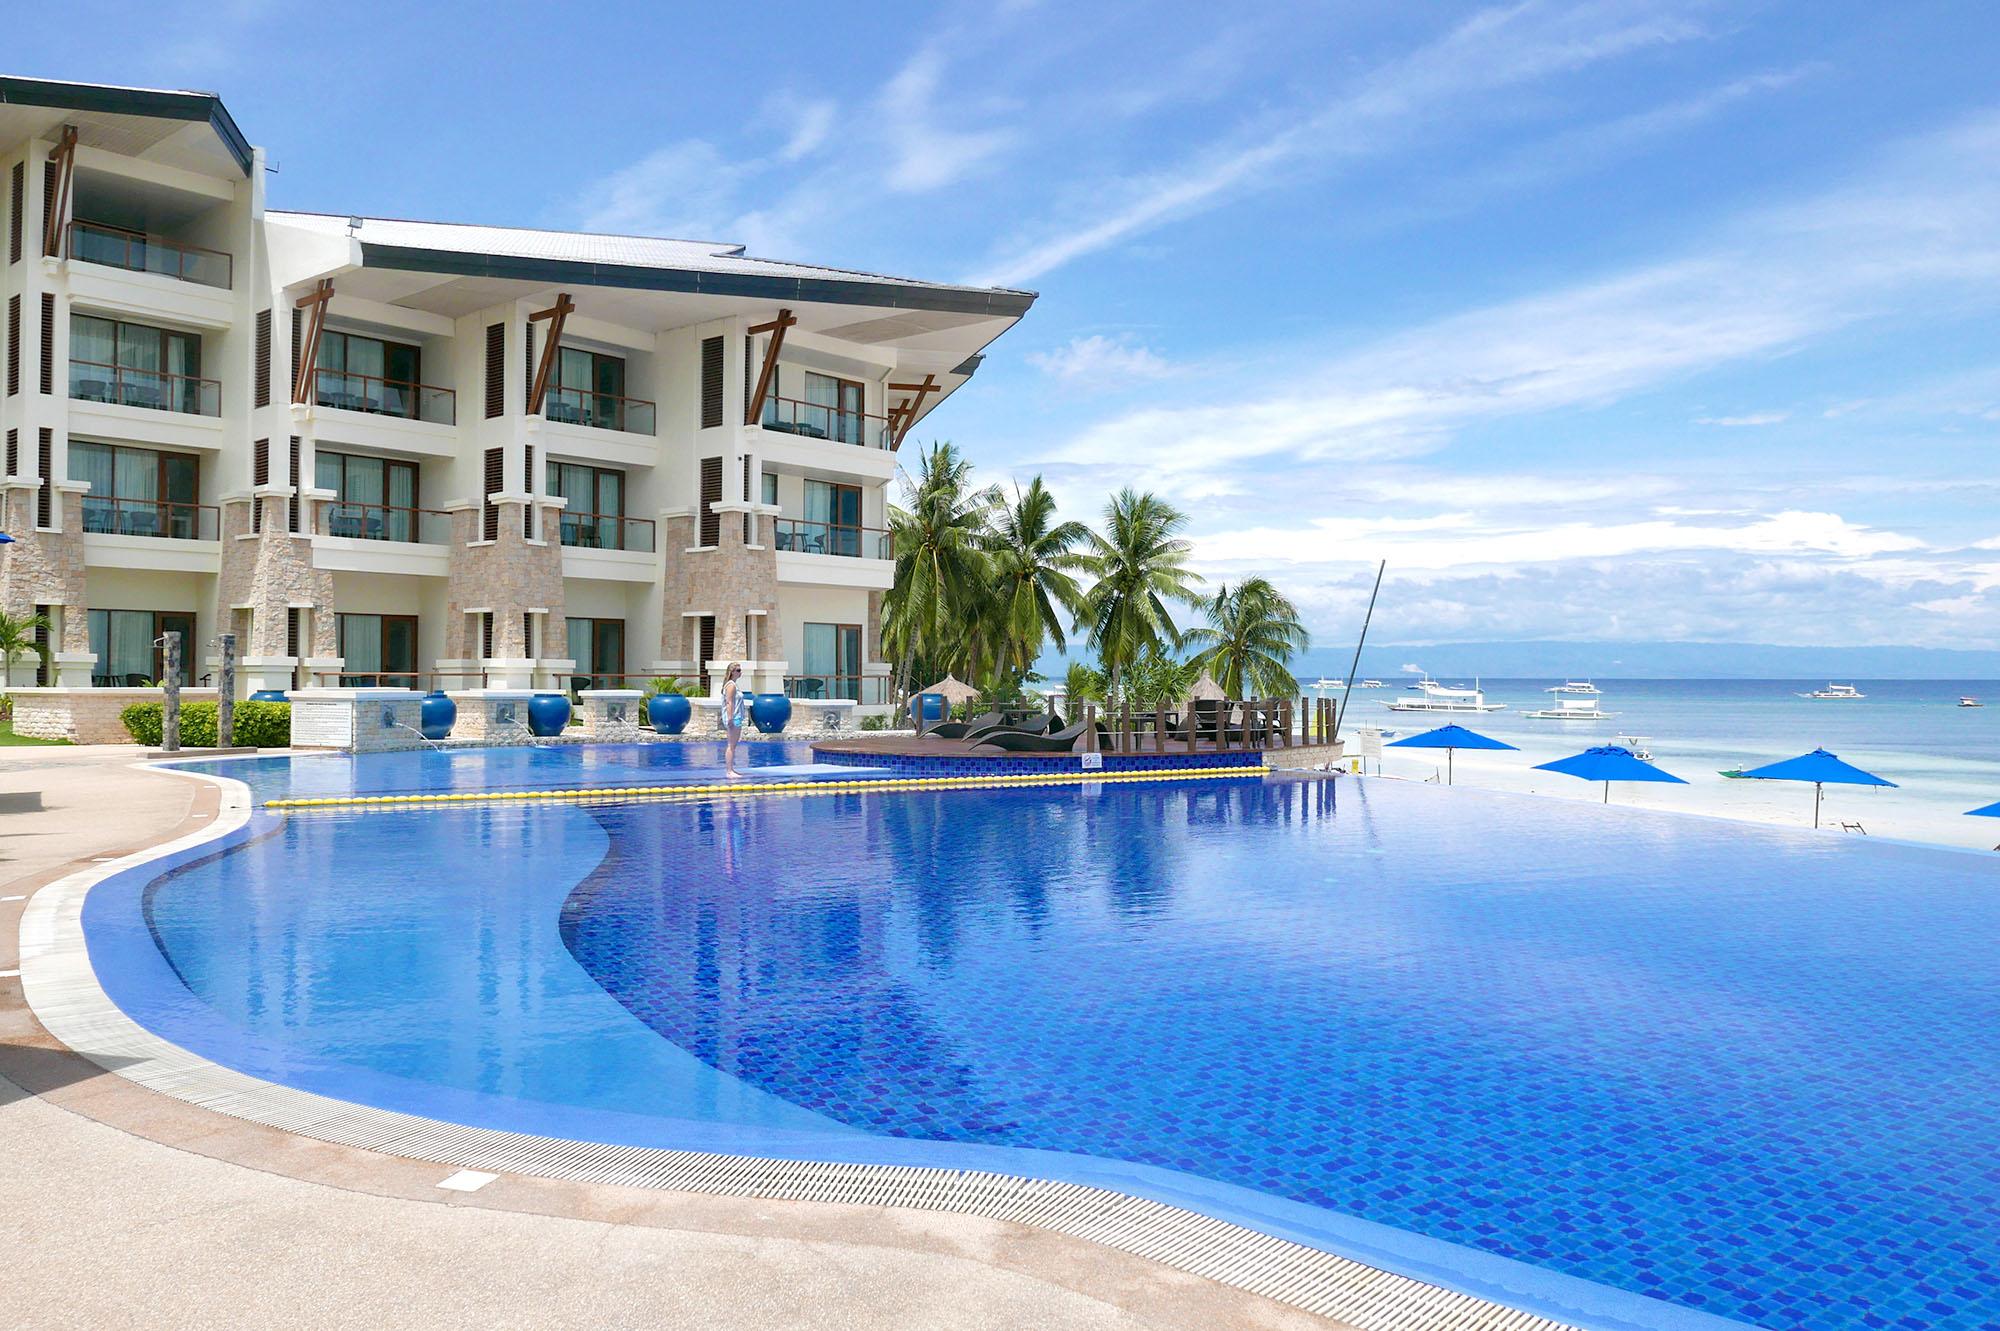 Infinity Pool at Bellevue Bohol